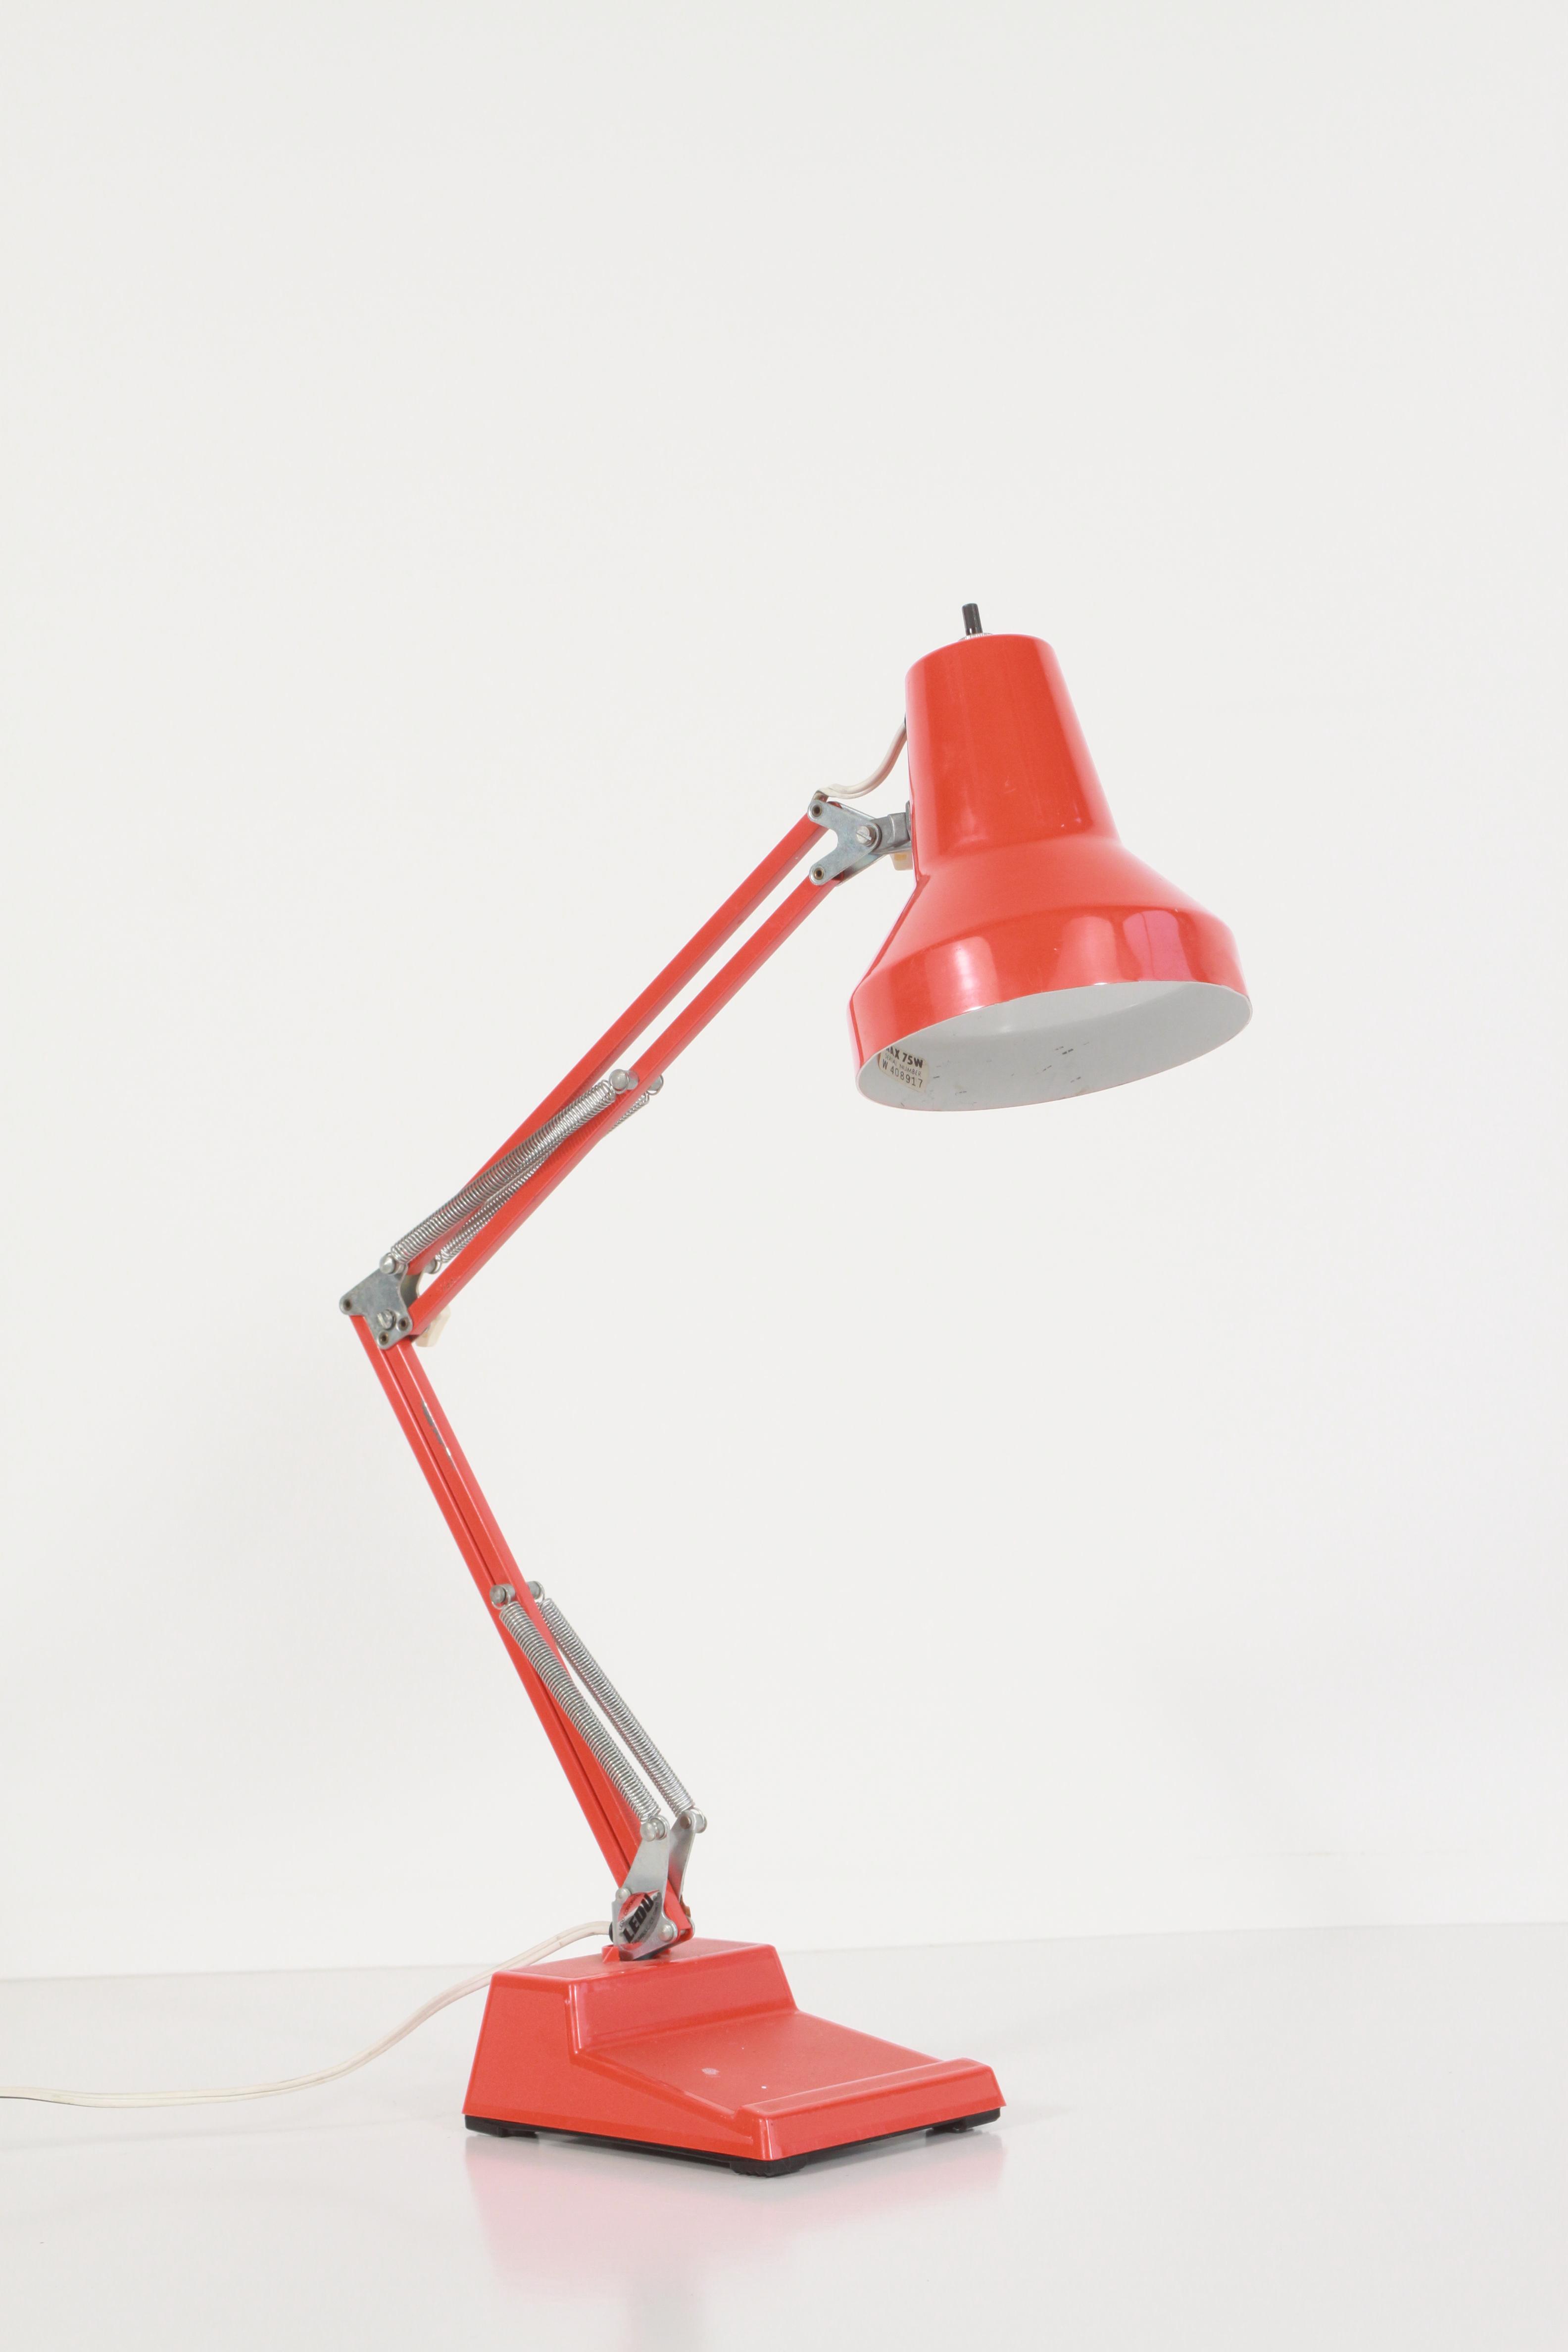 Image of: Mid Century Modern Orange Desk Lamp Atomic Flat